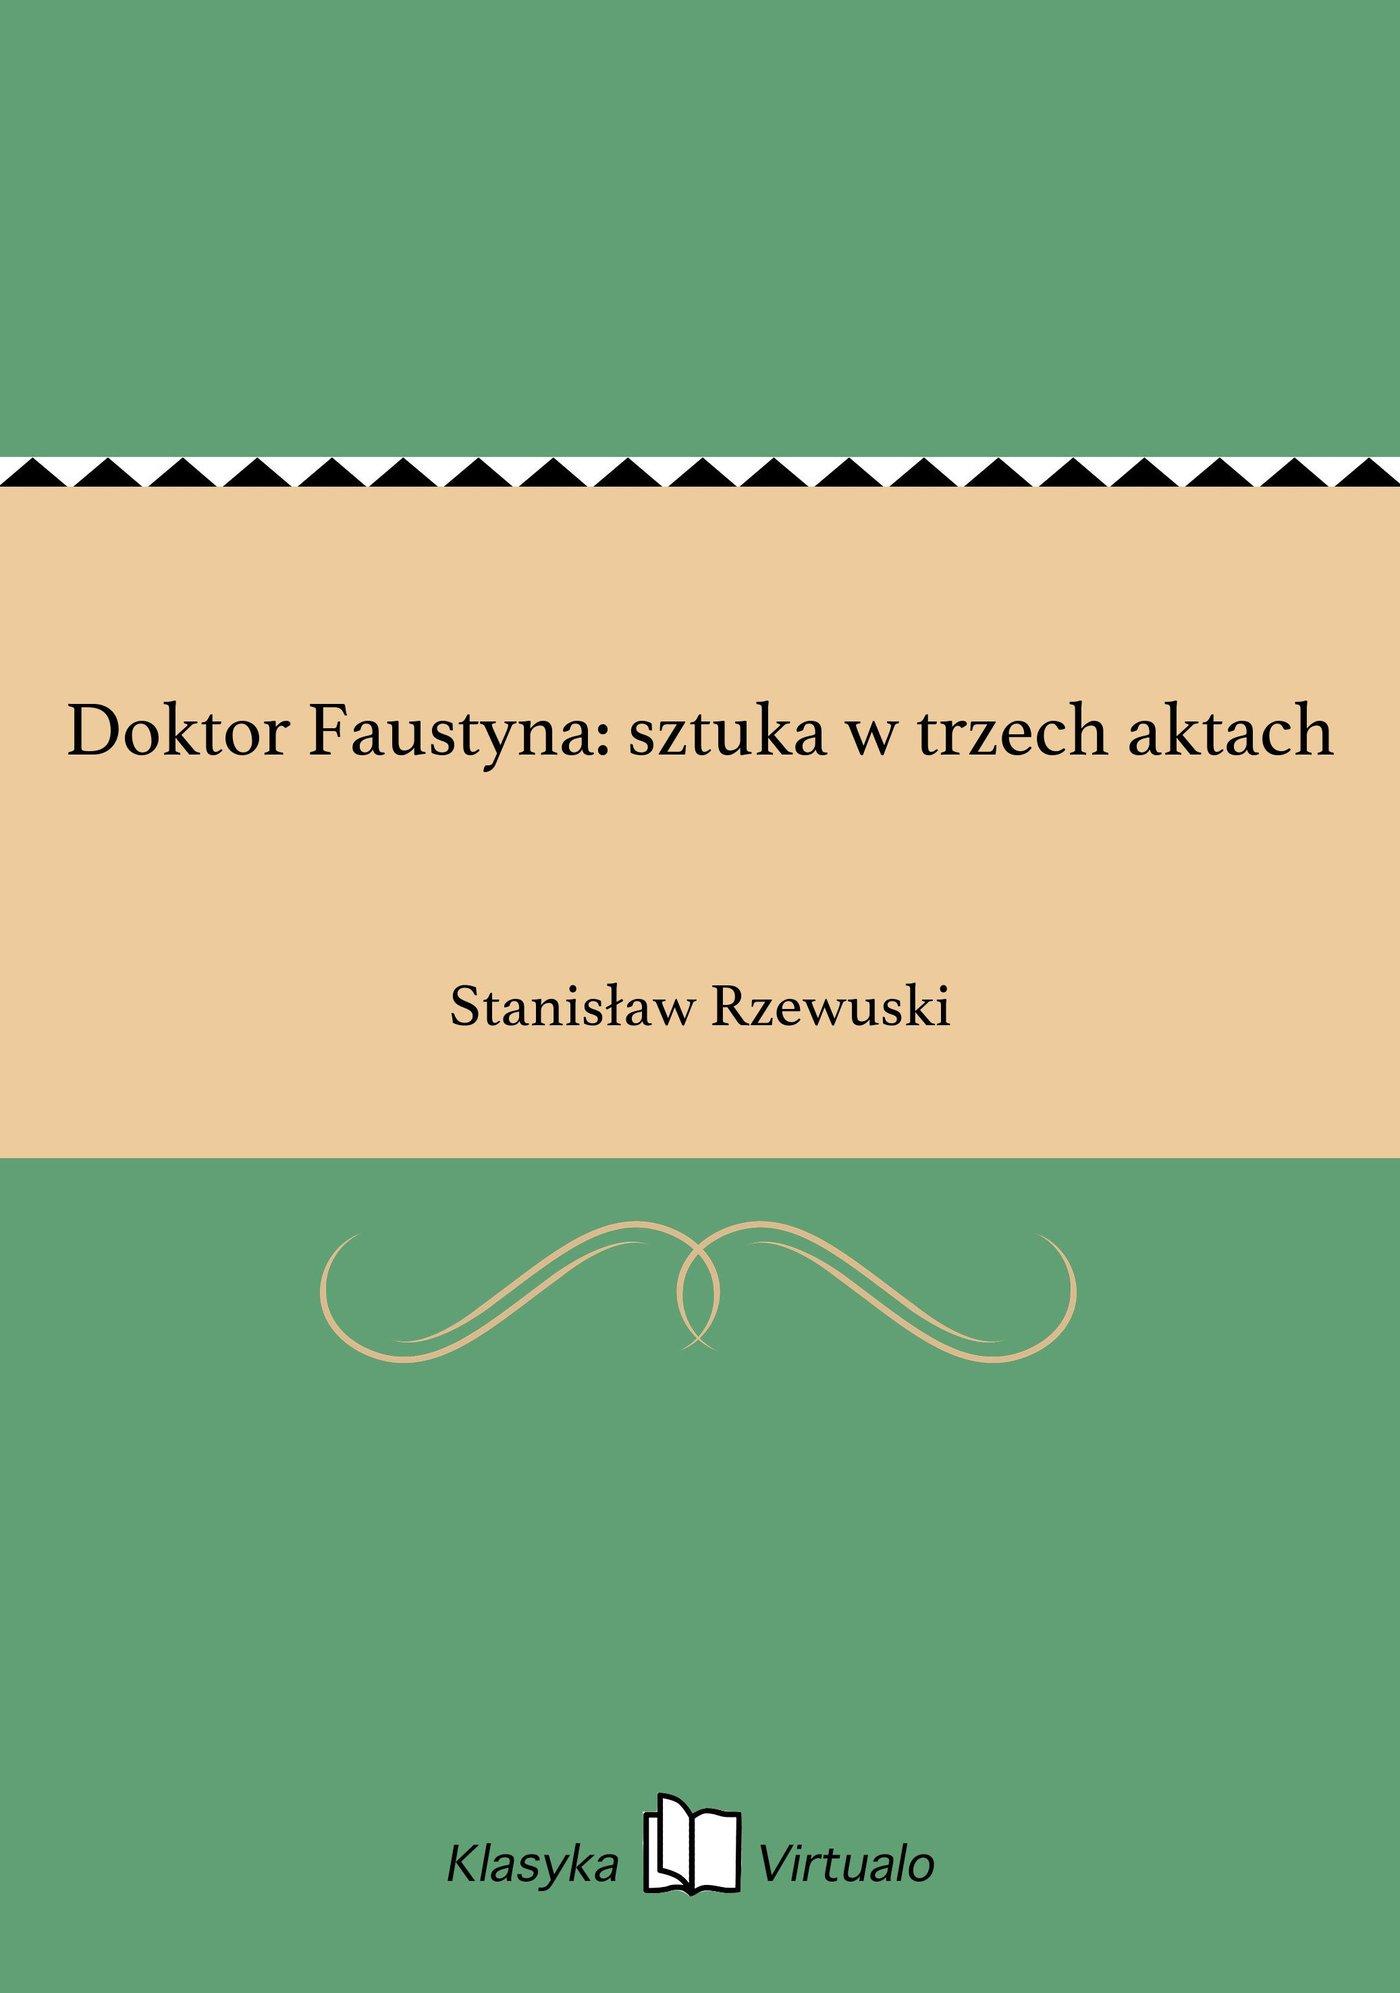 Doktor Faustyna: sztuka w trzech aktach - Ebook (Książka na Kindle) do pobrania w formacie MOBI